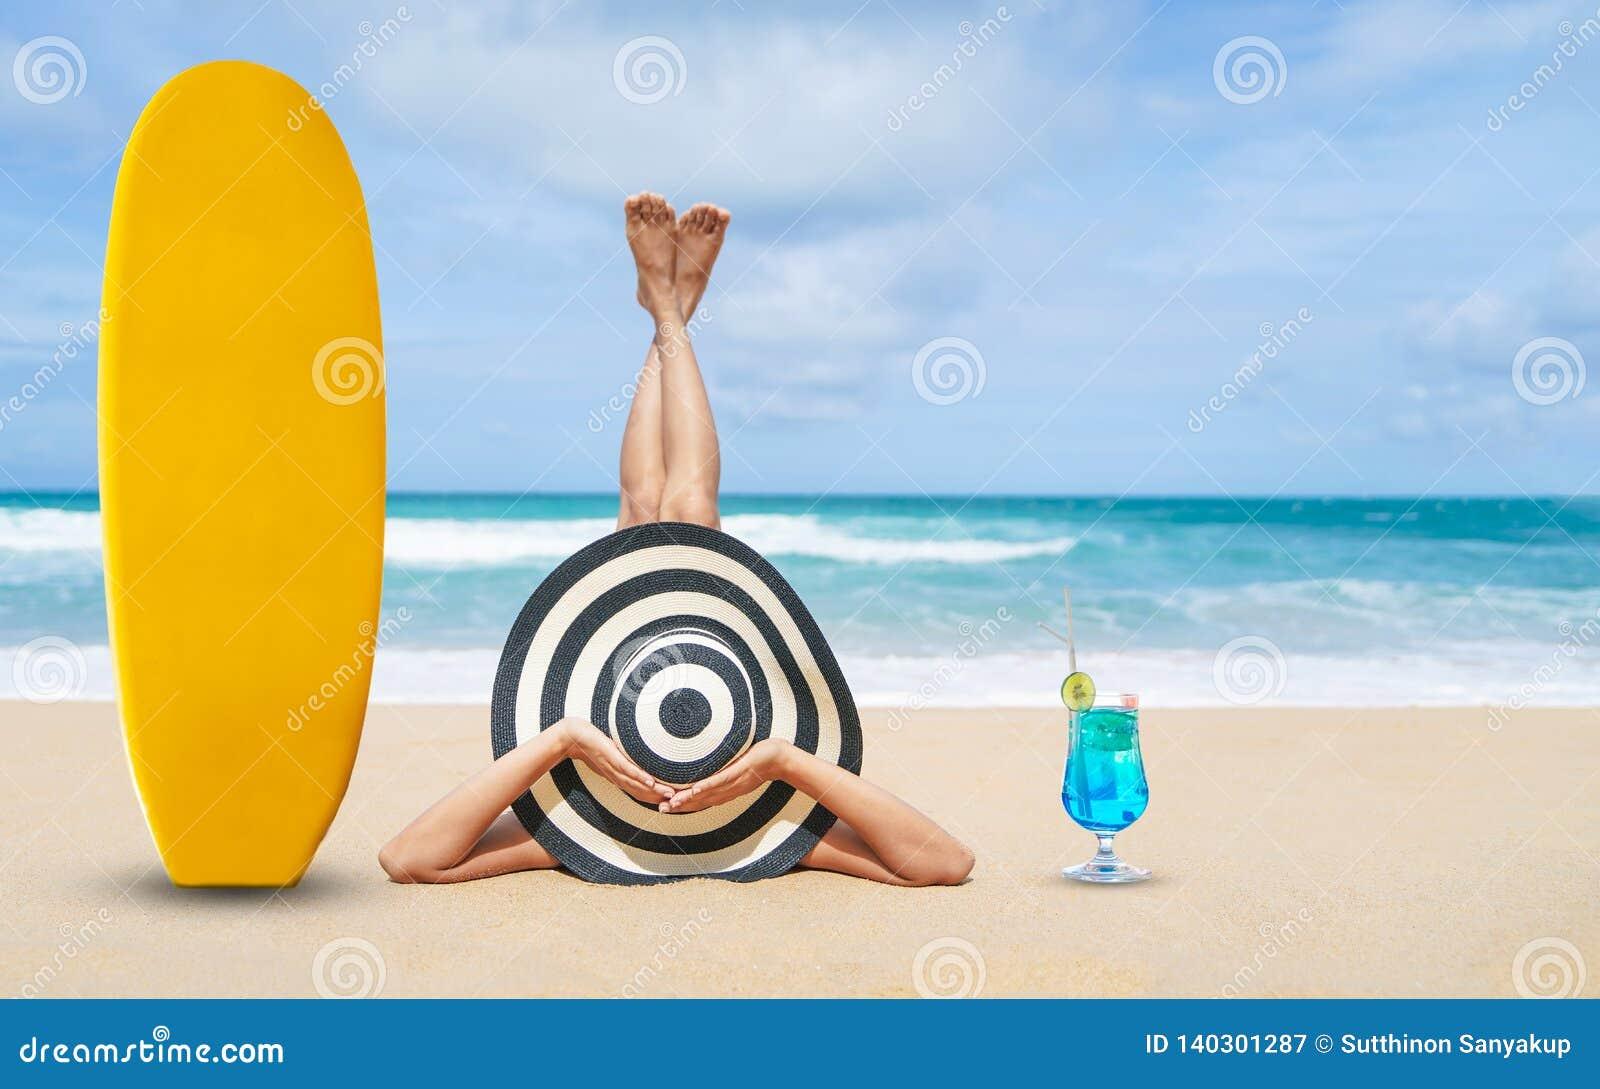 Mulher nova da forma para relaxar na praia, no estilo de vida feliz da ilha, na areia branca, no céu nebuloso do ฺBlue e no mar